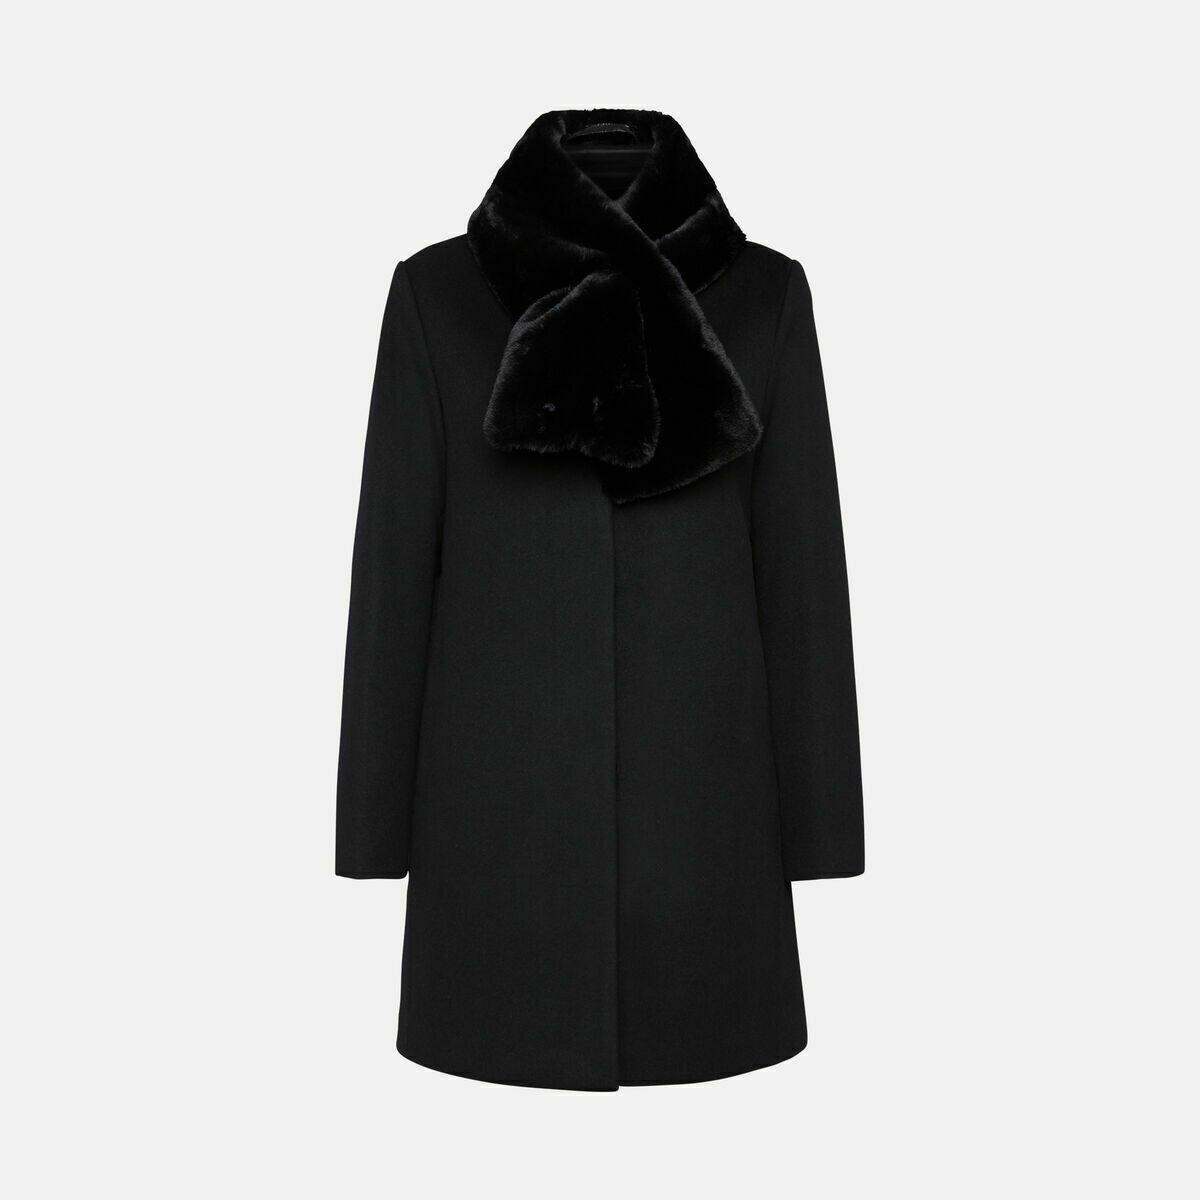 Cappotto Geox art. W0415B T2686 F9000 colore nero